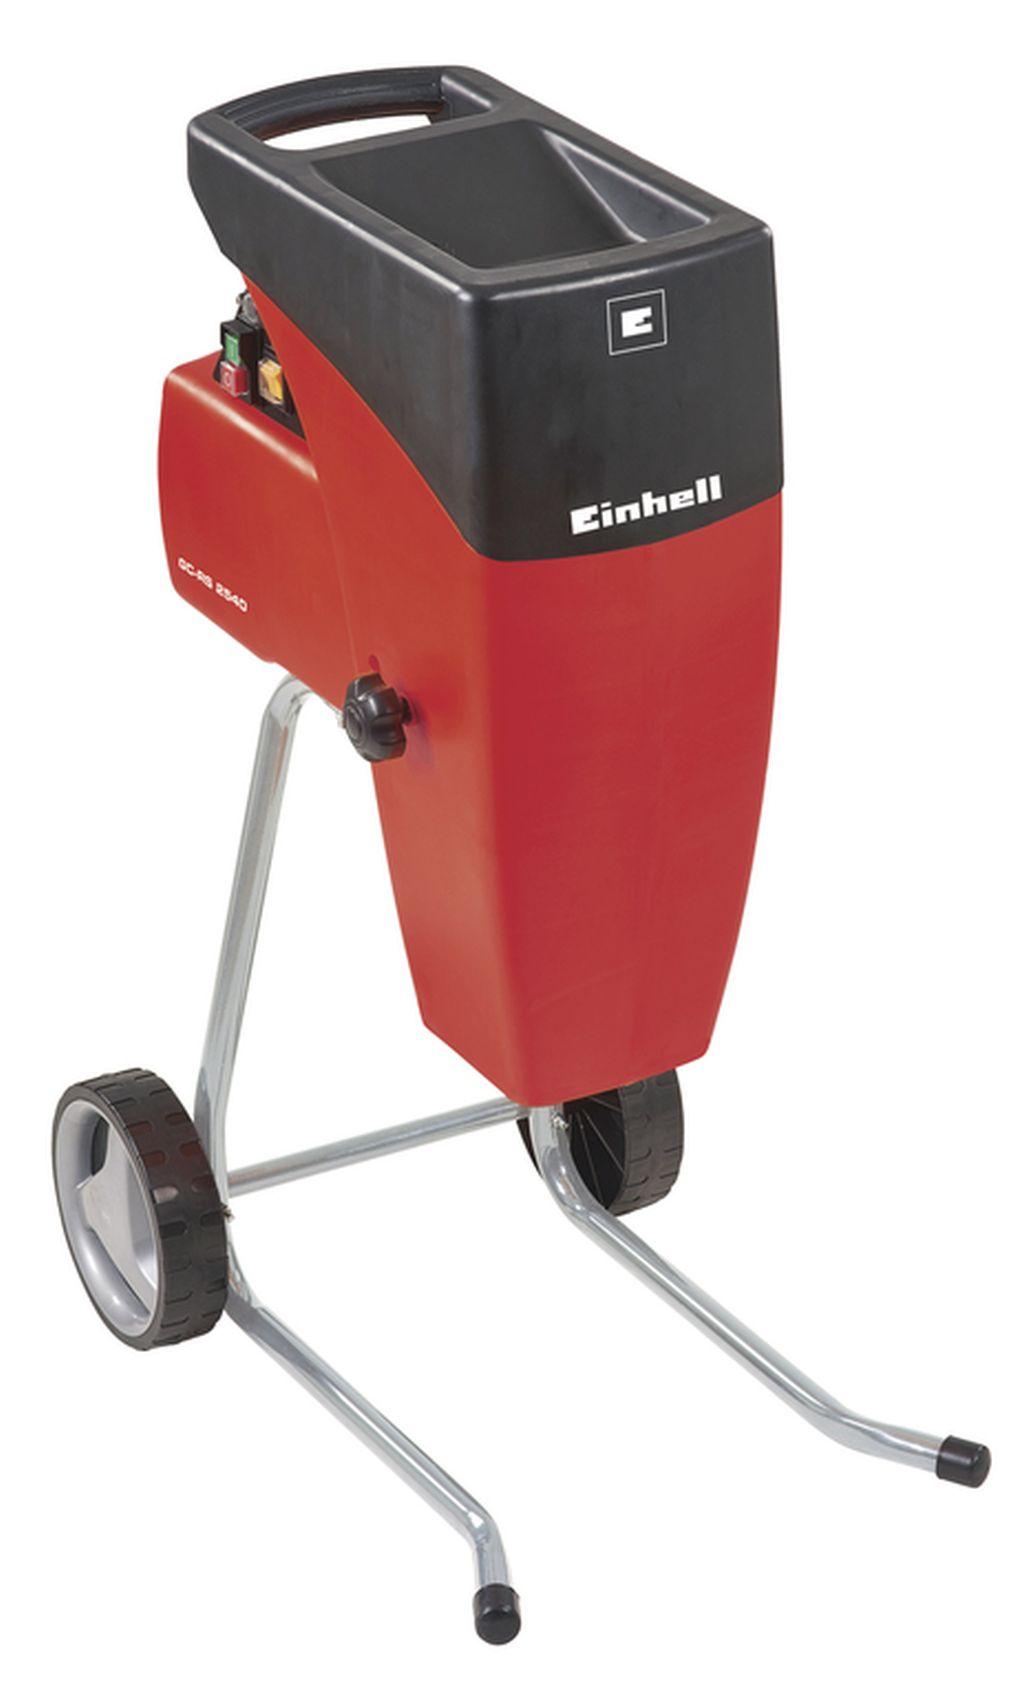 EINHELL Classic GC-RS 2540 Záhradní drtič tichý elektrický 3430620